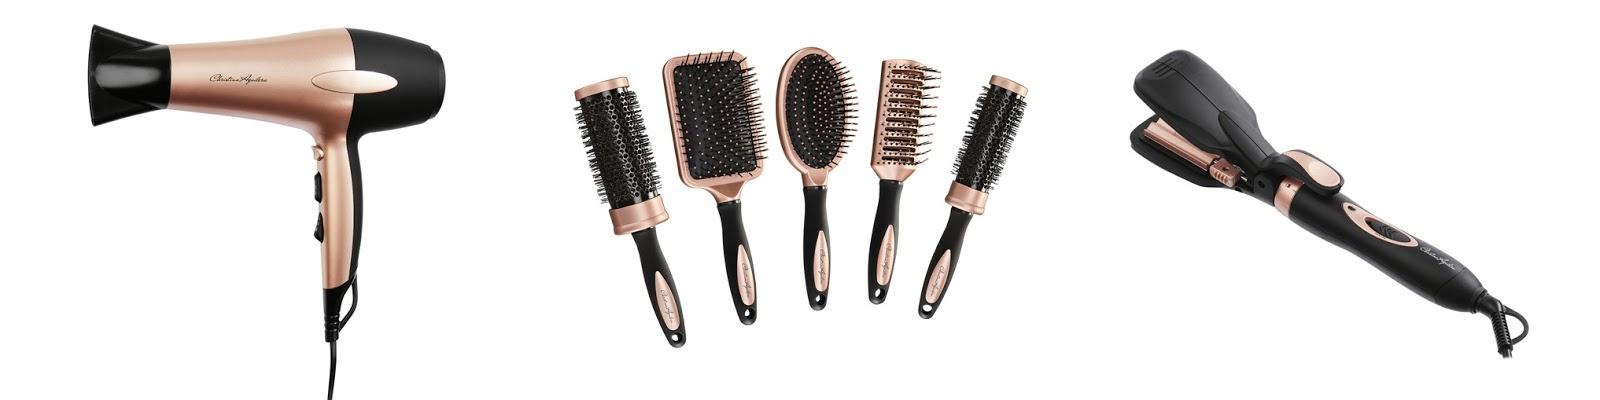 ORDINARY LIFE  Jak na vlasy  Nová řada stylingových pomocníků 68c1435065f